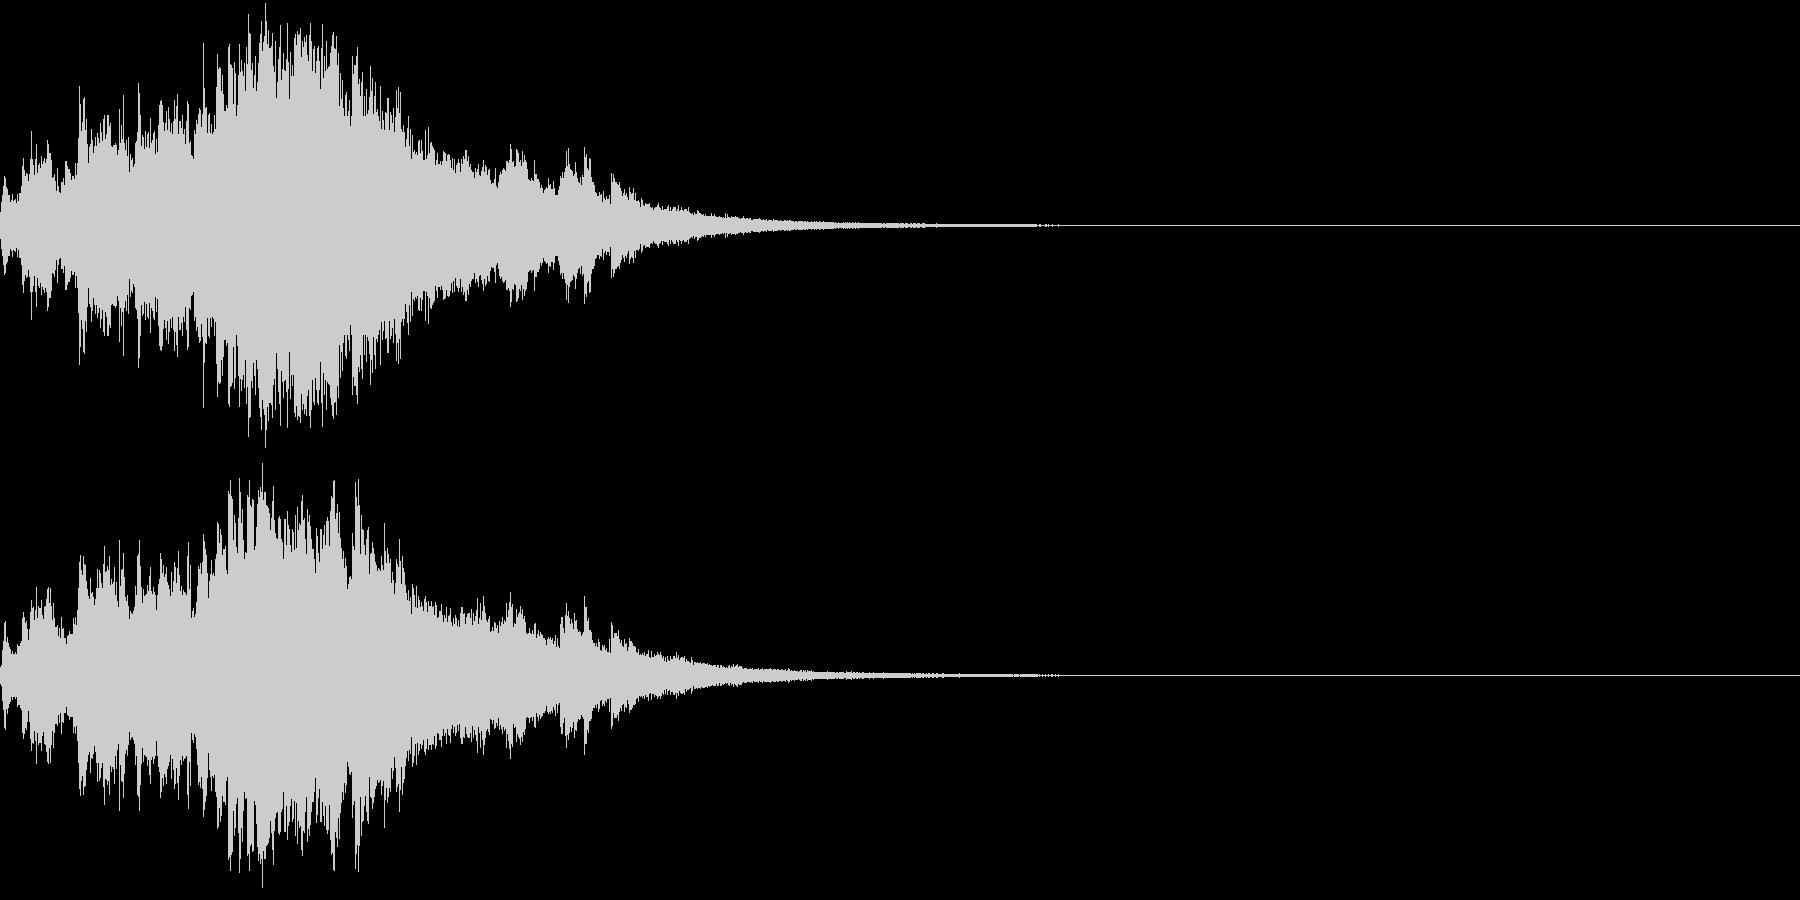 クリスマス ジングルベル キラキラ 08の未再生の波形